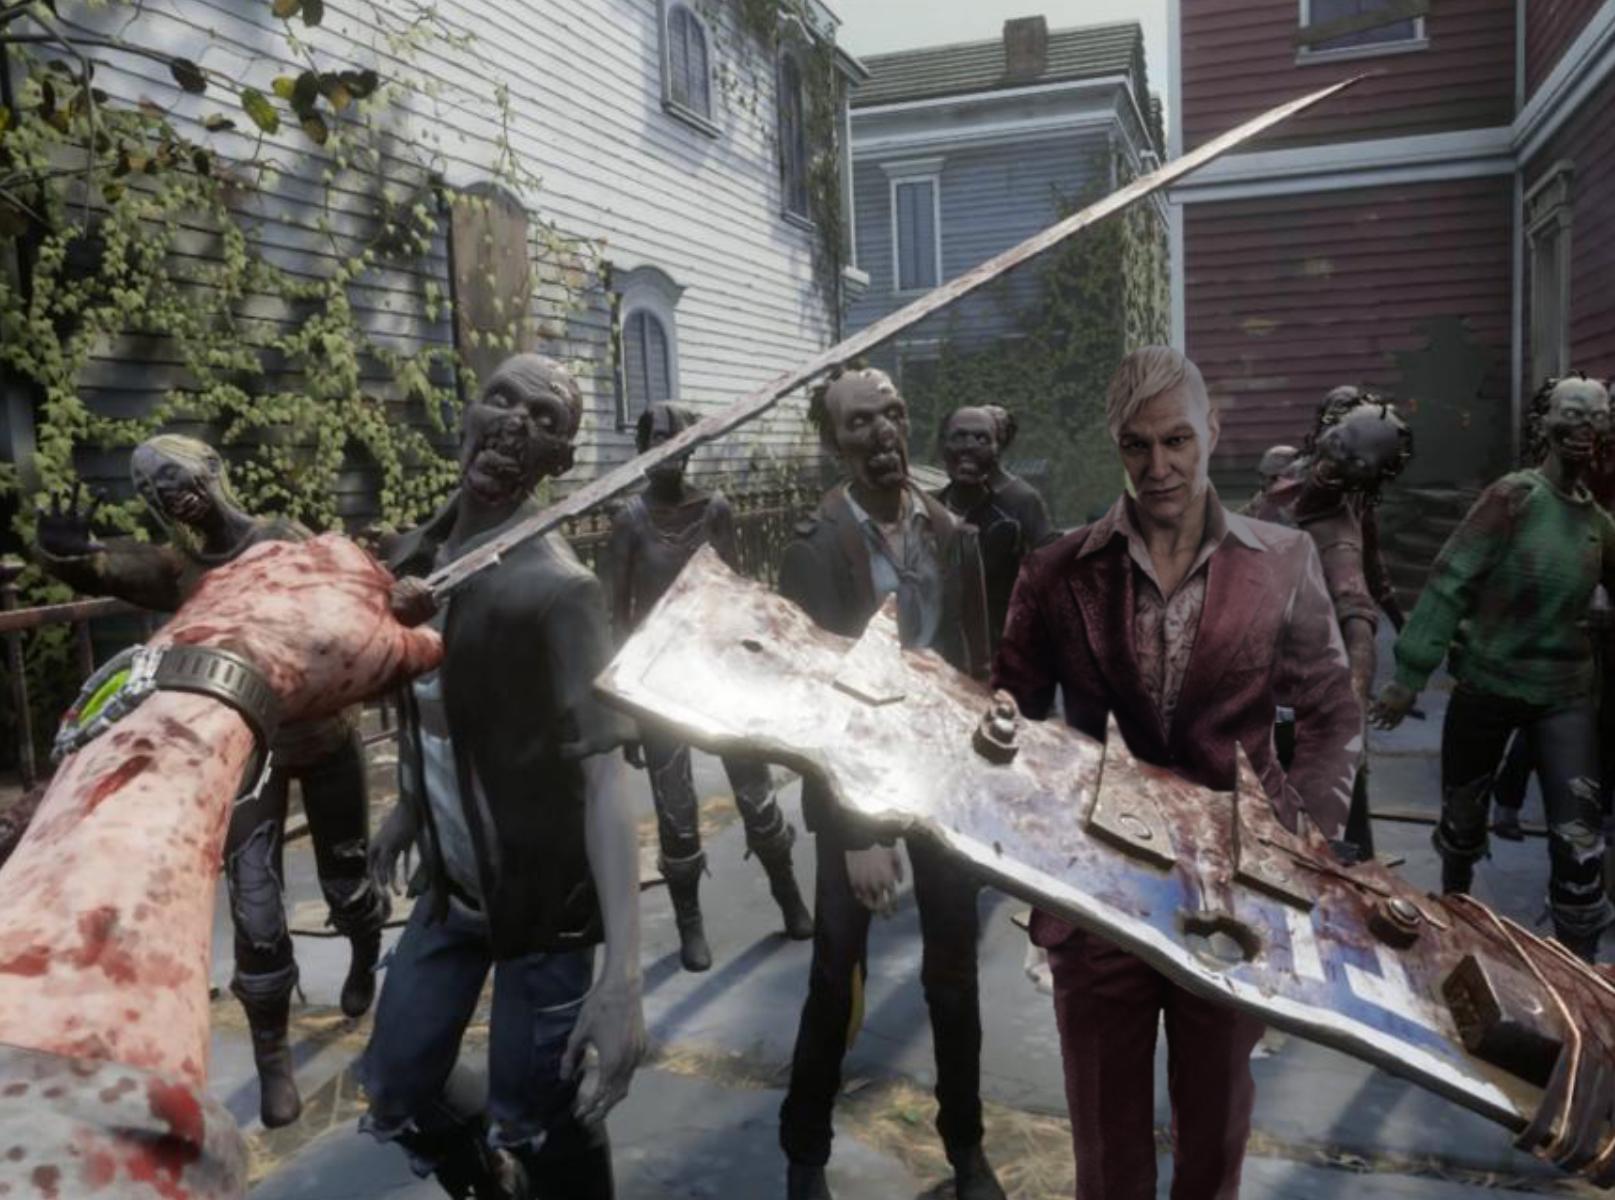 77 – The Walking Dead Saints & Sinners / FarCry 4